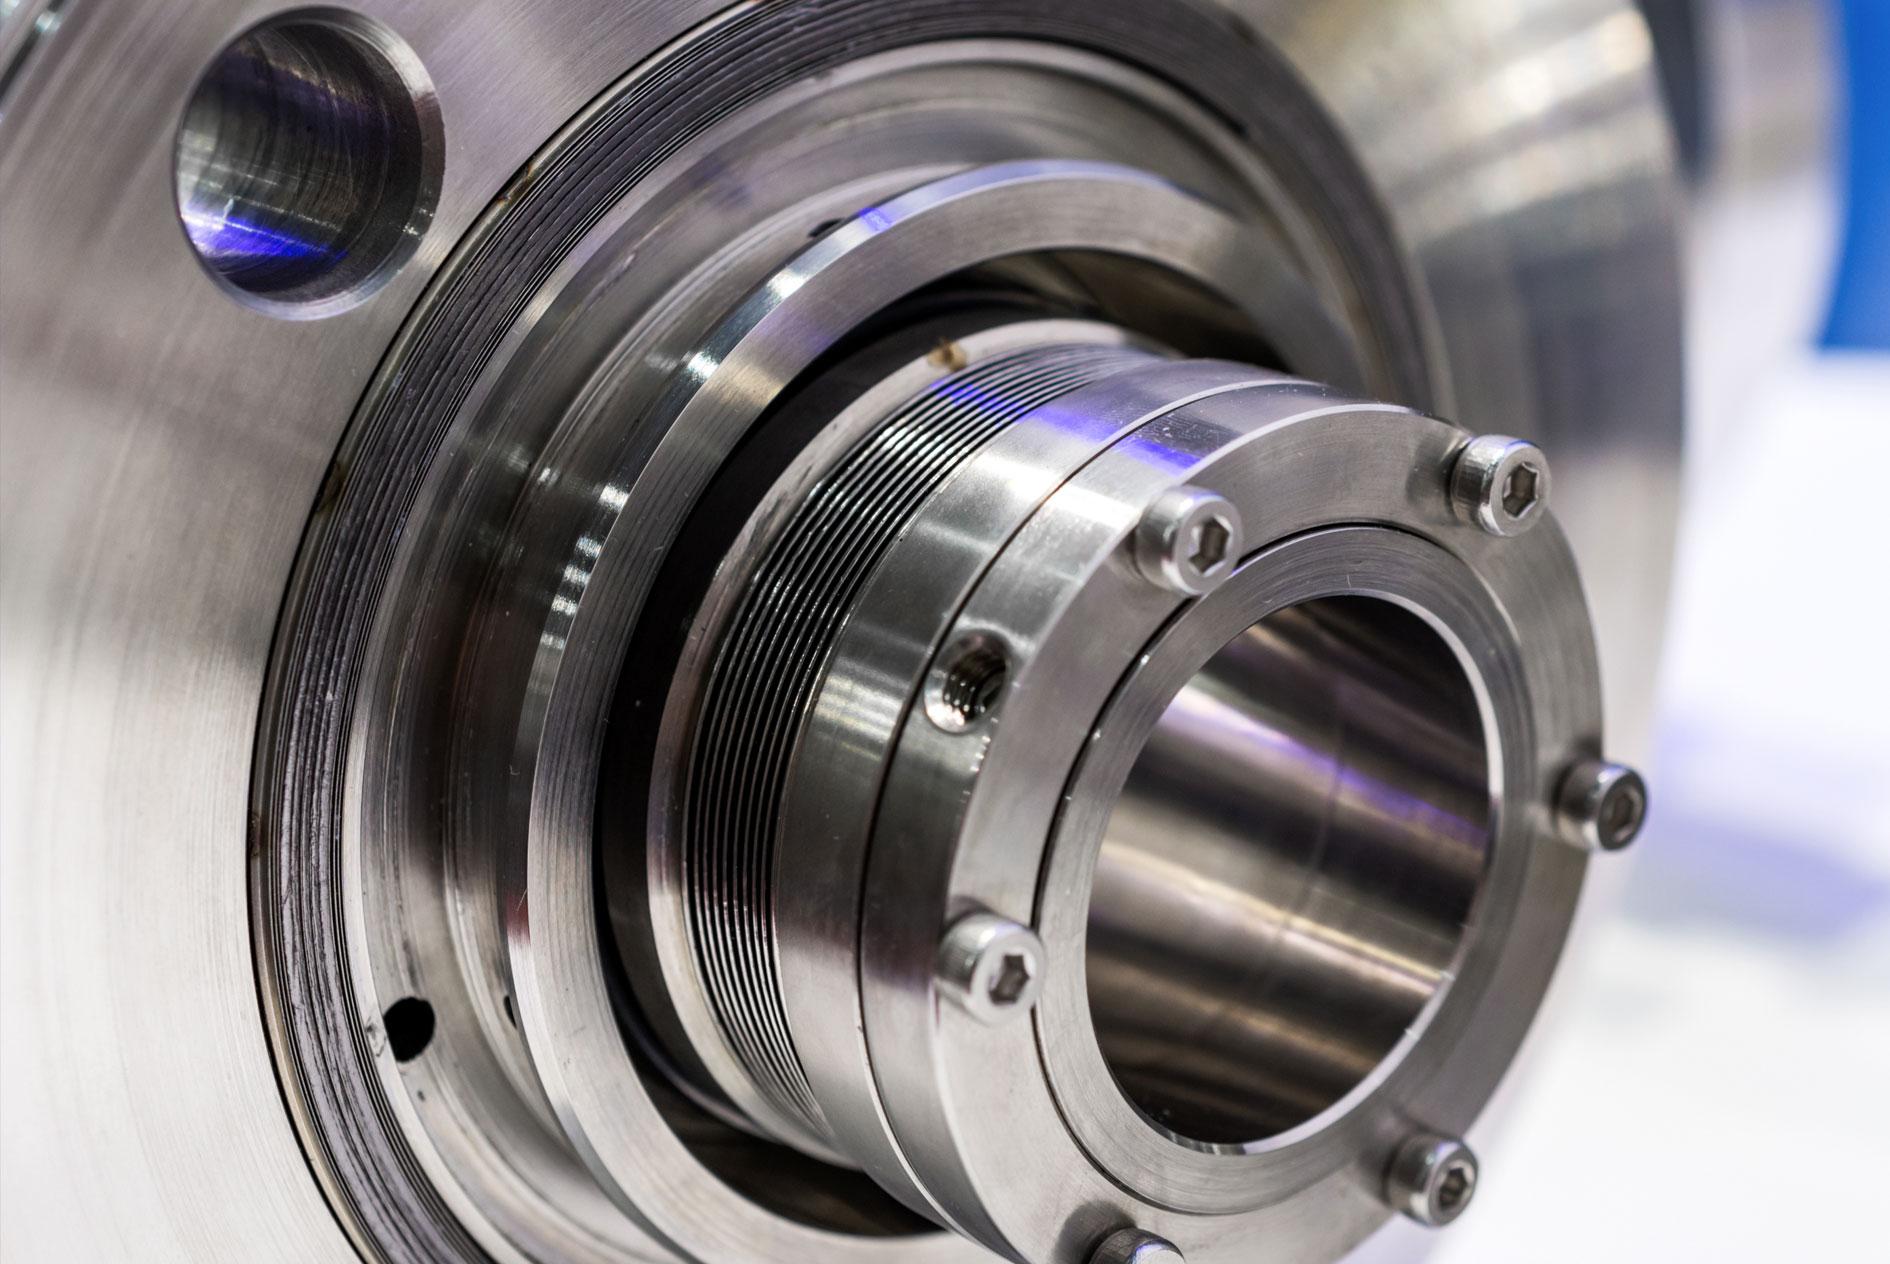 kkkoy-konetehdas-koneenrakennus-laiterakennus-alihankinta-metalliteollisuus-1